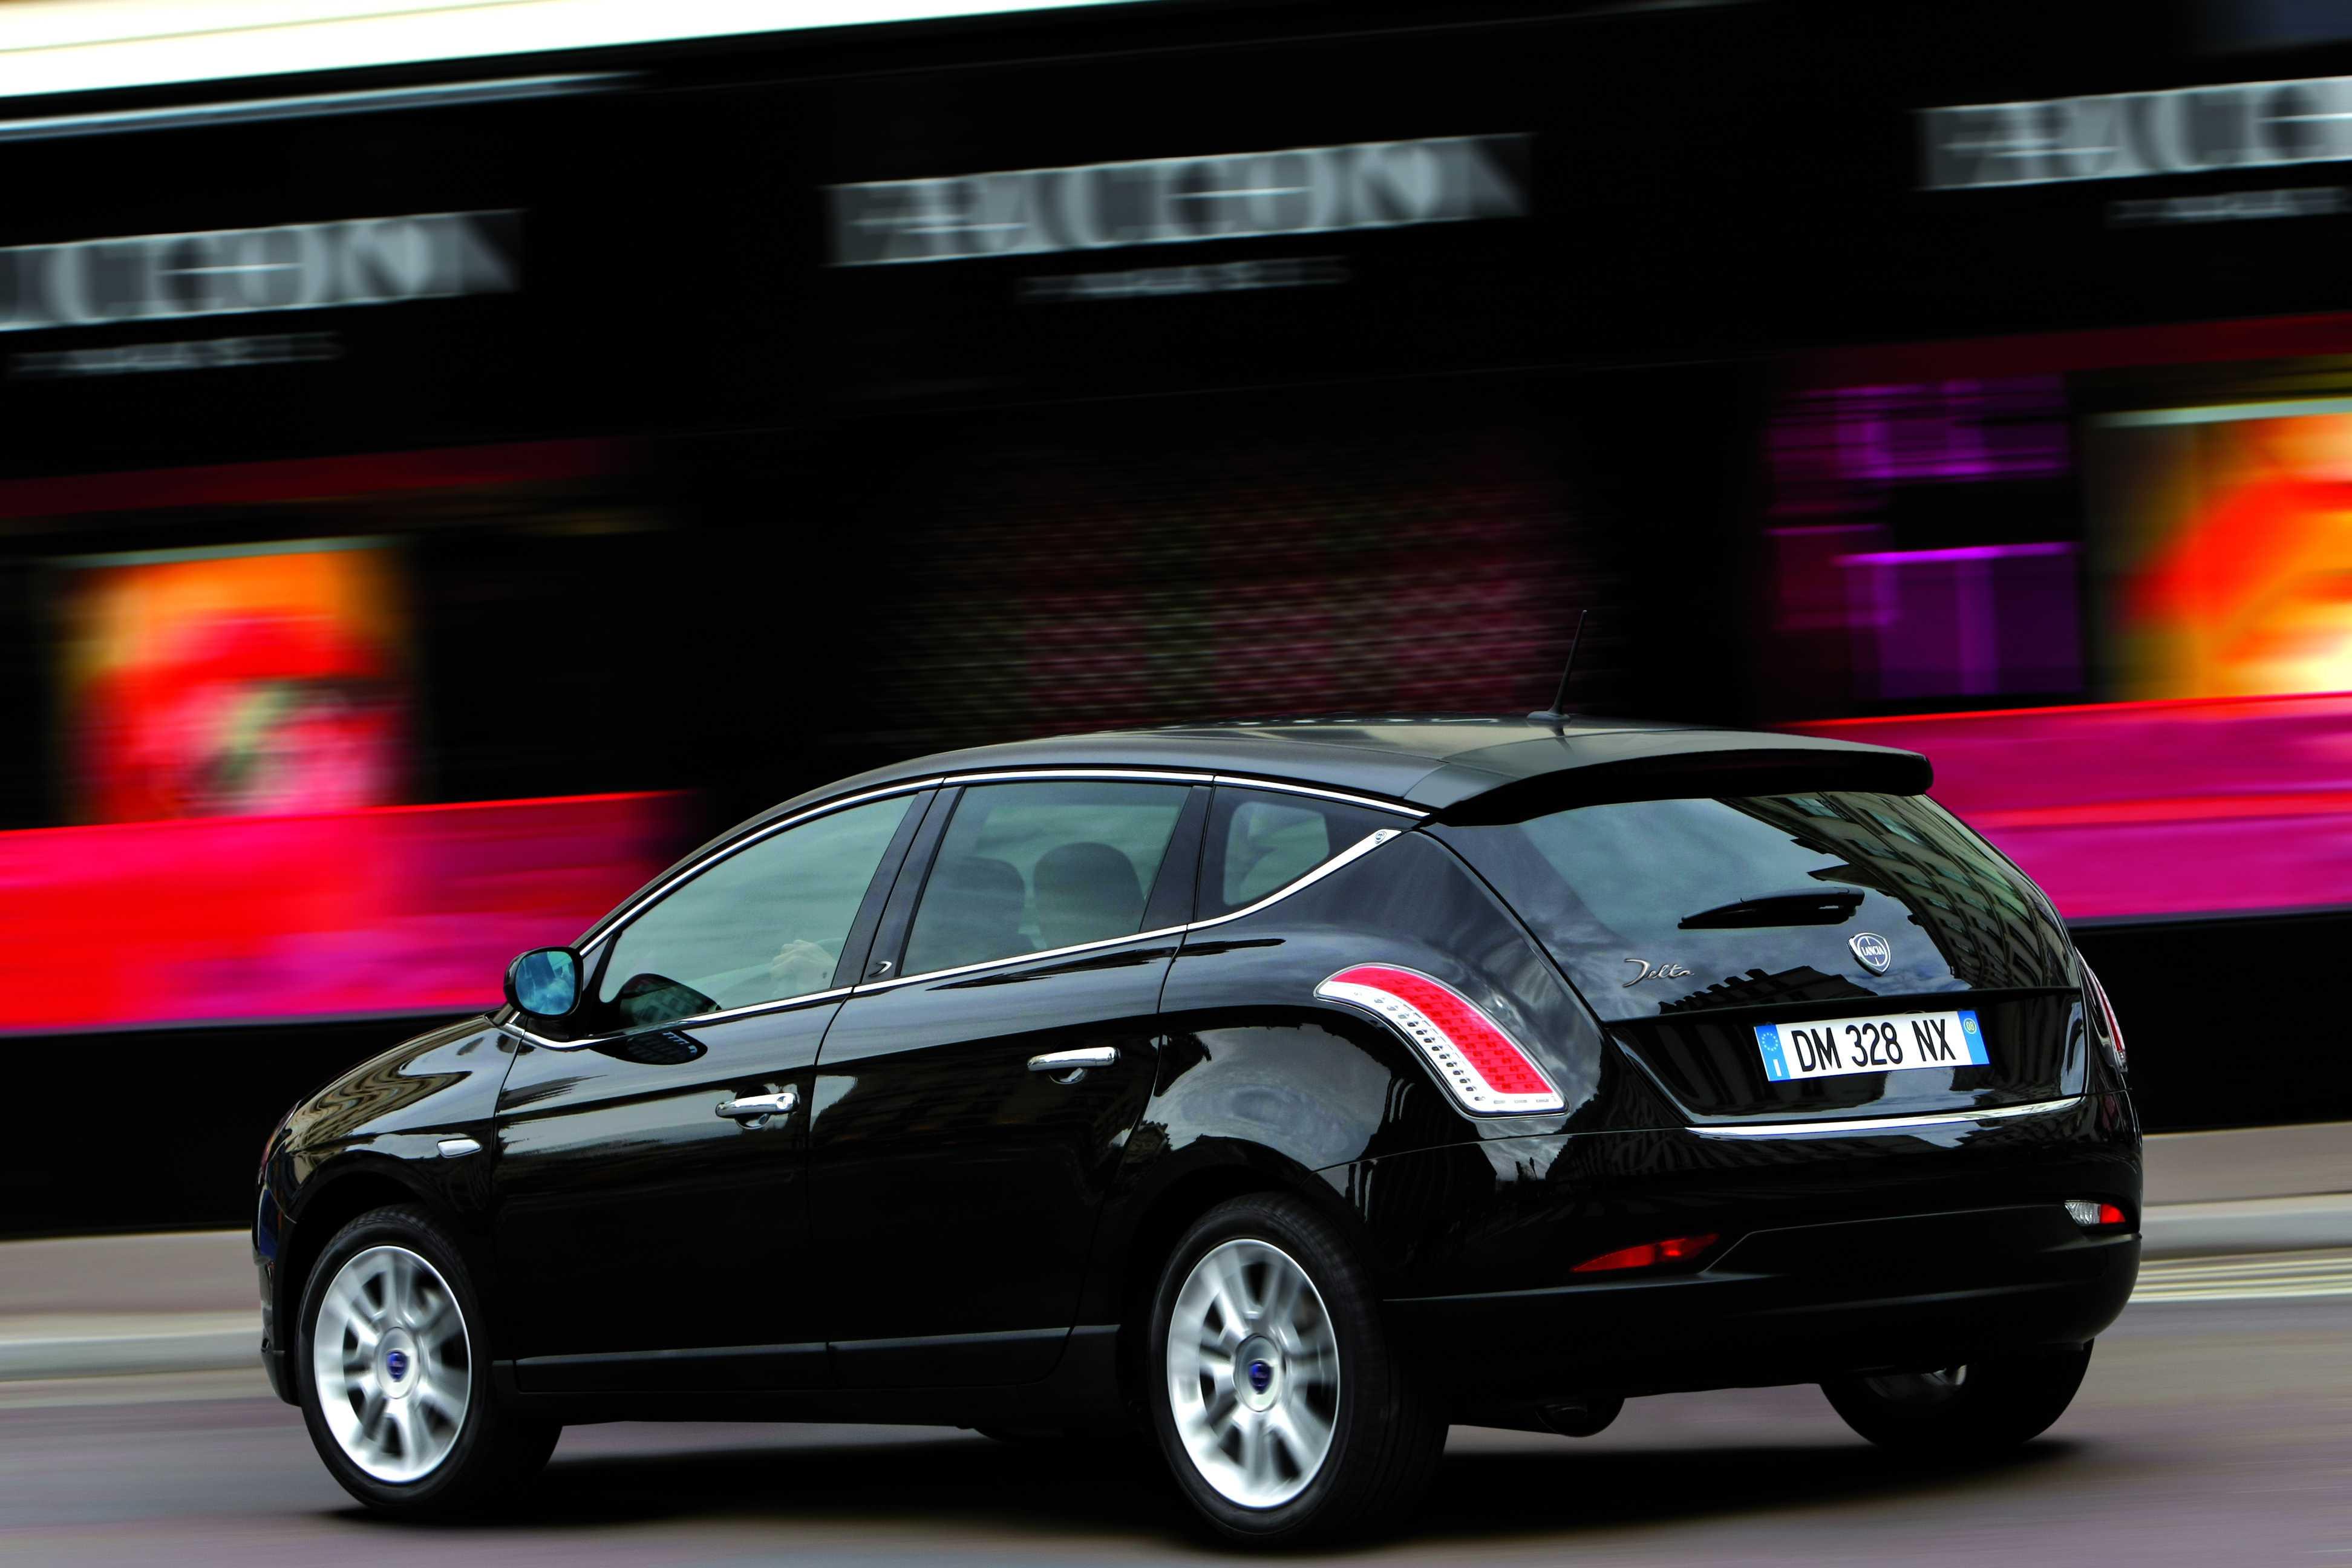 http://carsot.com/images/lancia-delta-iii-844-2008-2011-hatchback-5-door-exterior-3.jpg